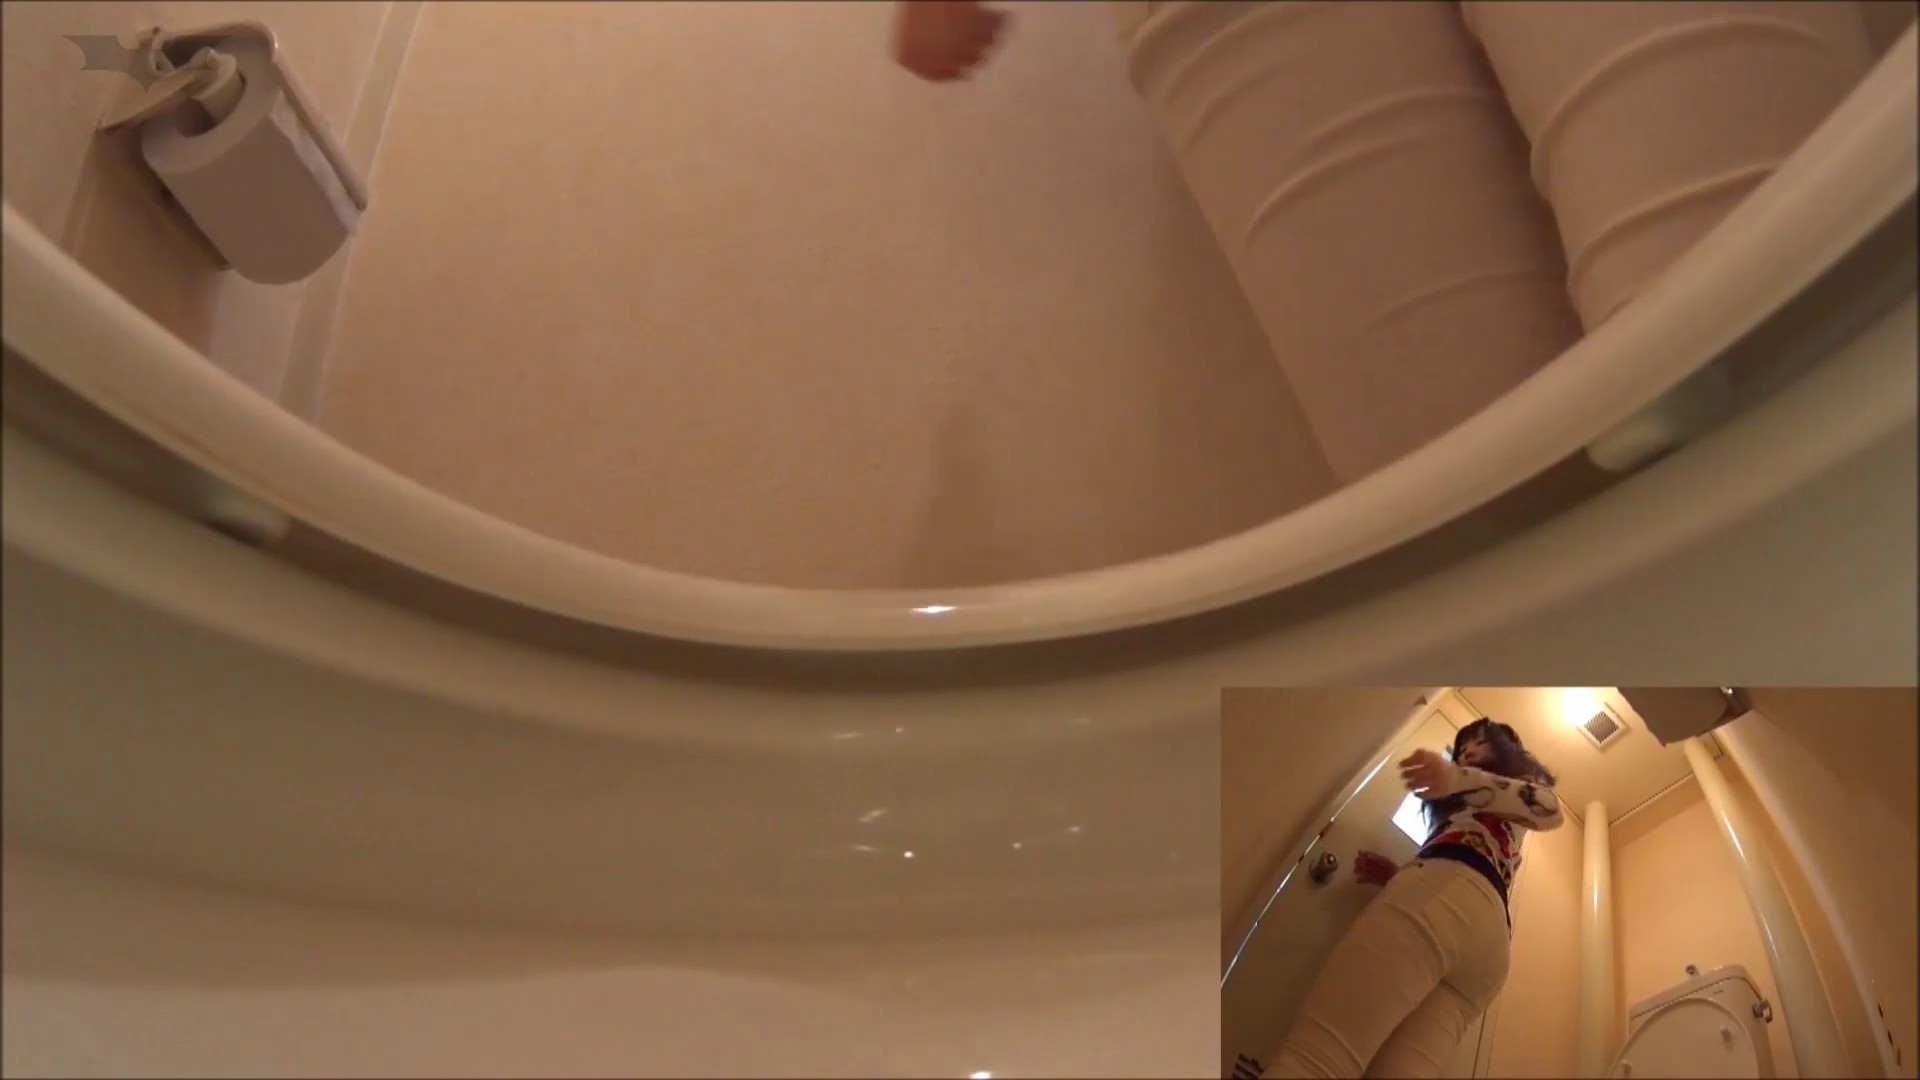 vol.03[洗面所]実はコレが目的でした。-W黒髪女子の聖水観察- 美女のボディ オマンコ無修正動画無料 48PIX 28